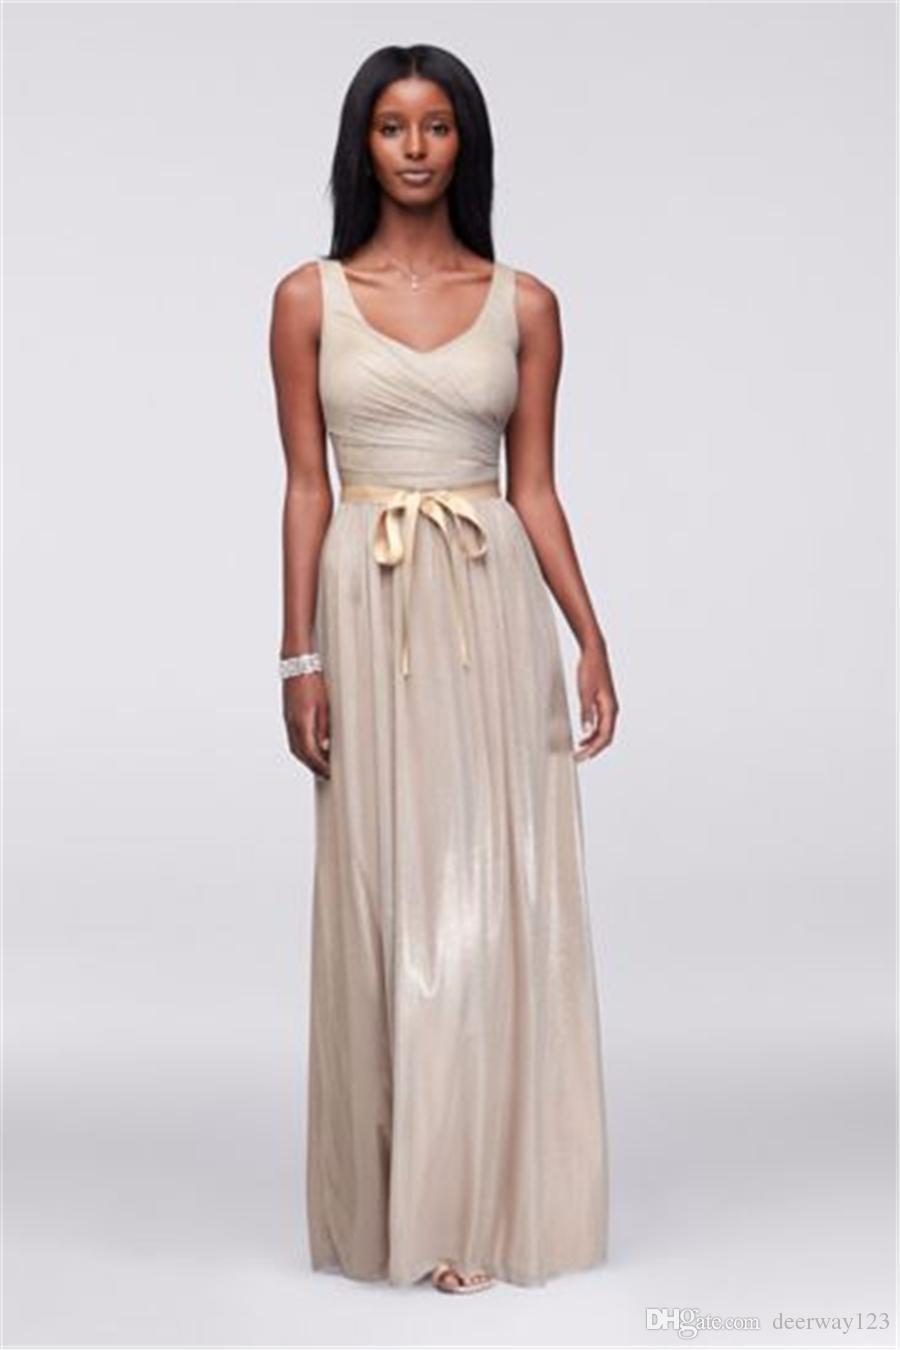 Vestido de noche con escote en V con pliegues y escote metálico con cintura fruncida Champagne Longitud del piso 263343 Vestidos de baile vestido de fiesta curto